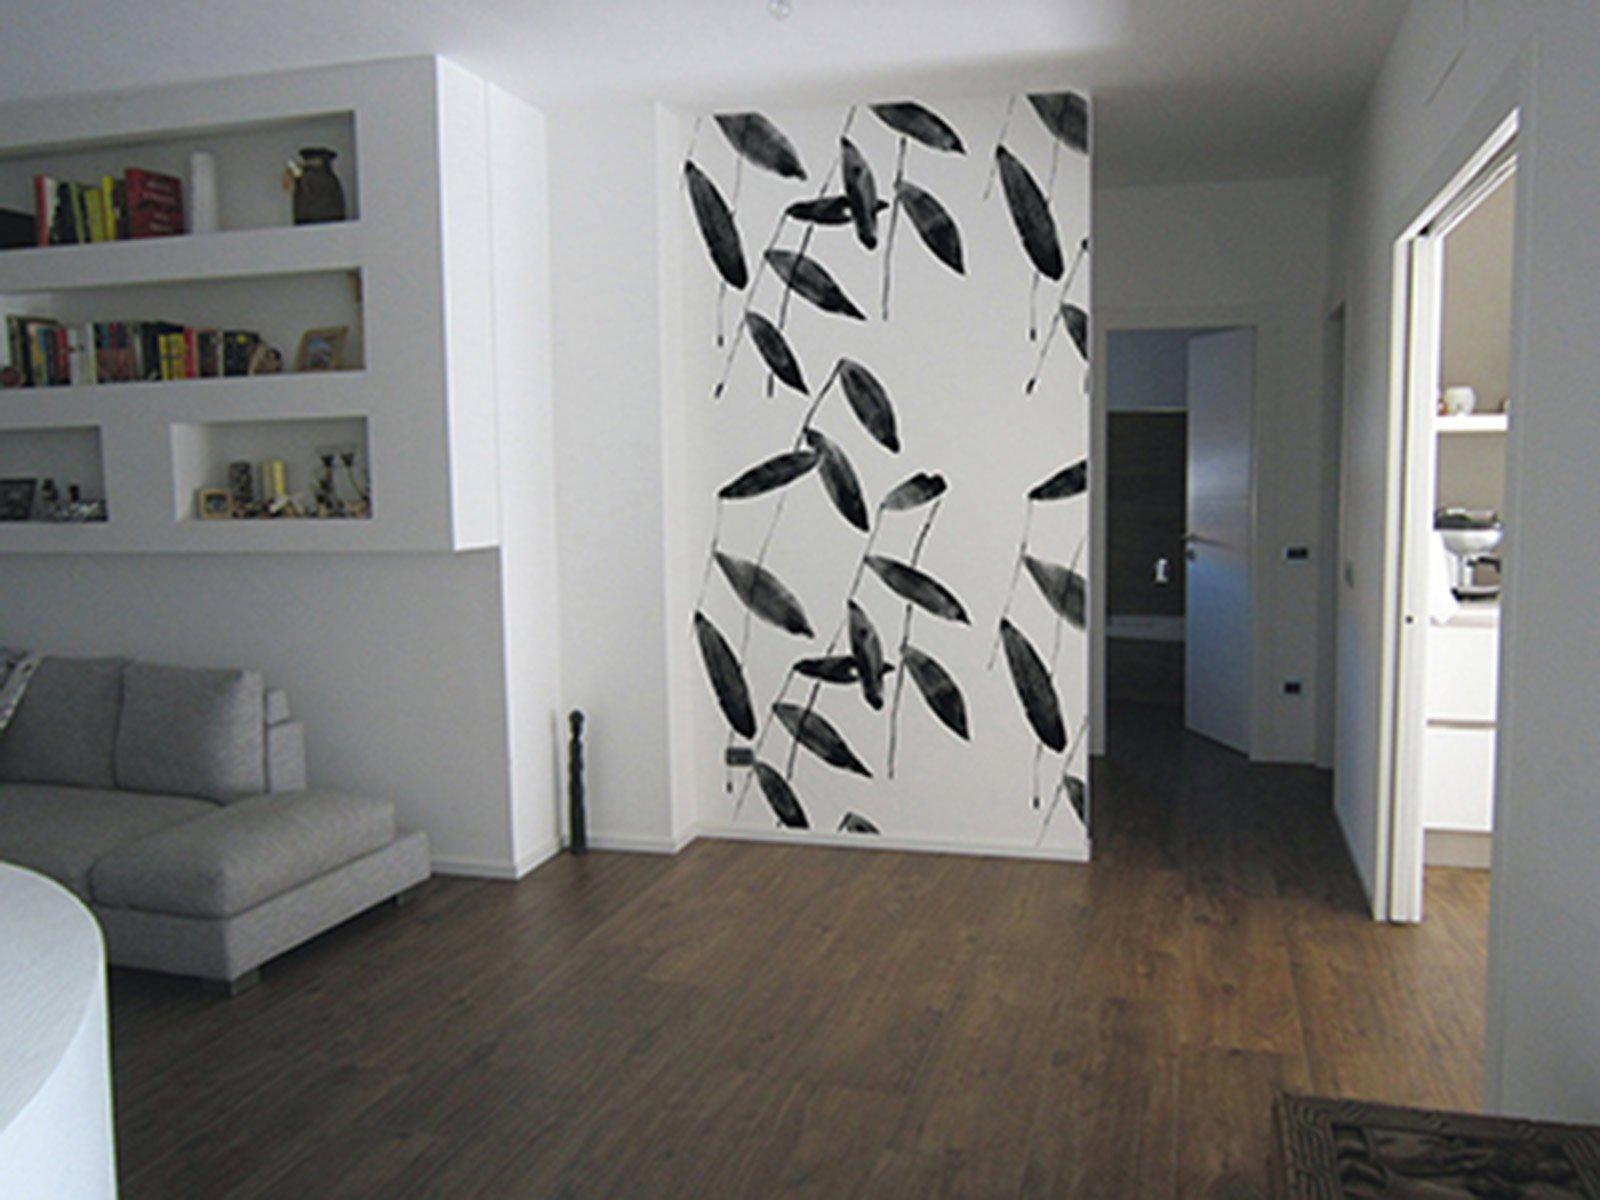 Iniziativa rinnova la tua casa con la tappezzeria ecco i 3 selezionati cose di casa - Altezza quadri sopra divano ...